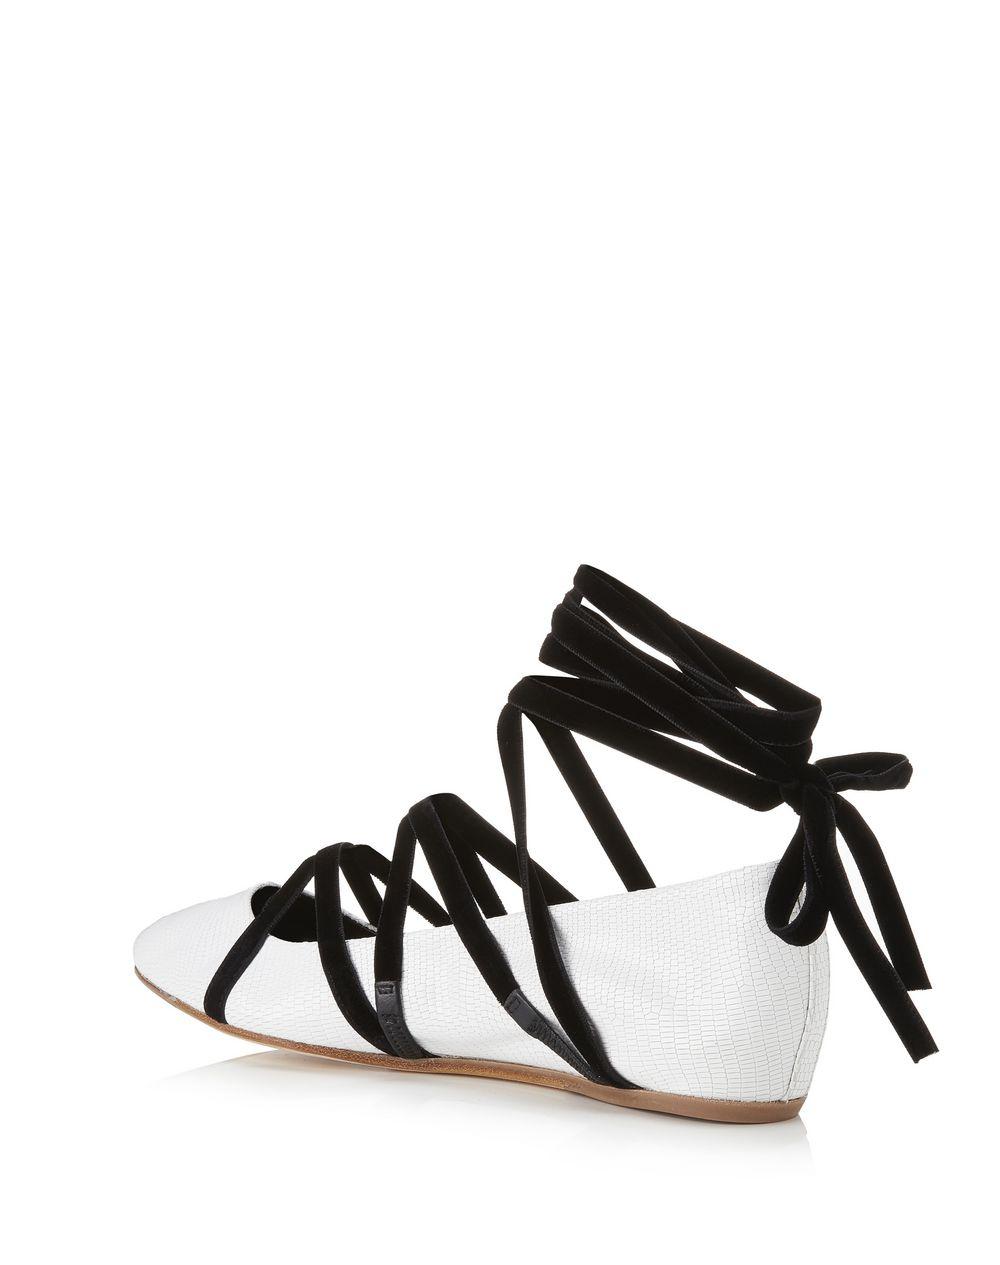 系带芭蕾平底鞋 - Lanvin